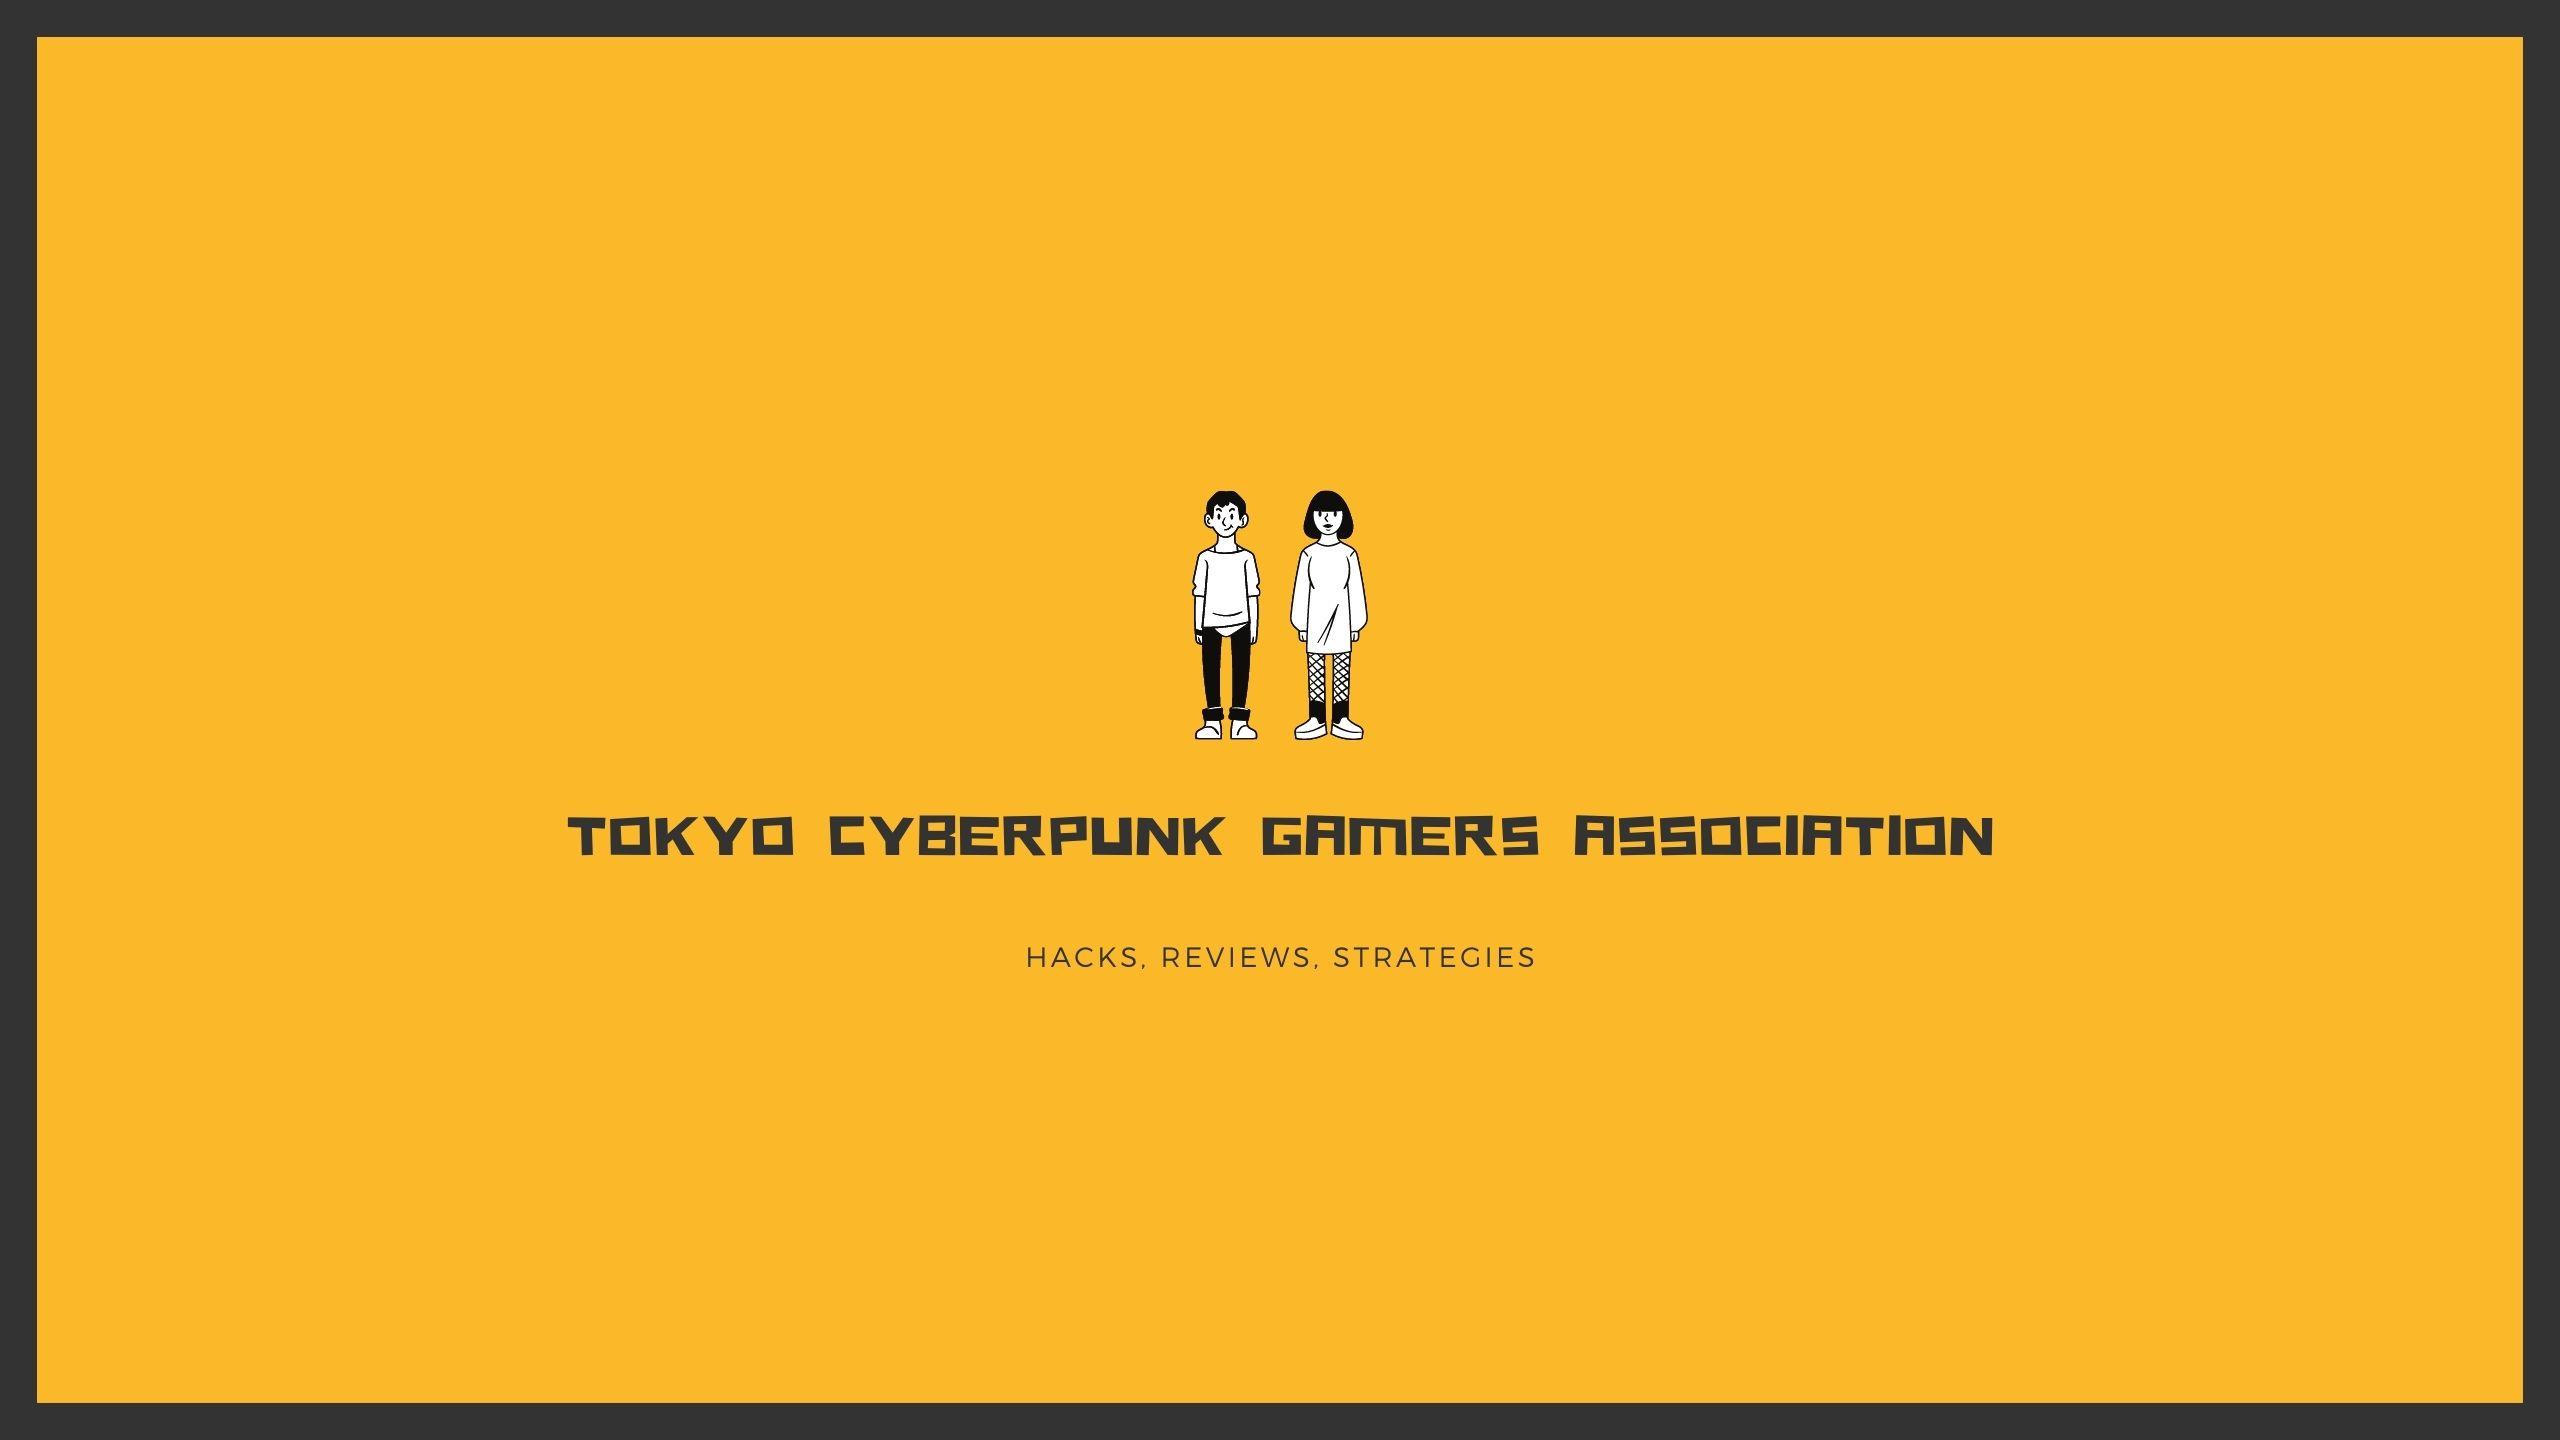 Tokyo Cyberpunk Gamers Association